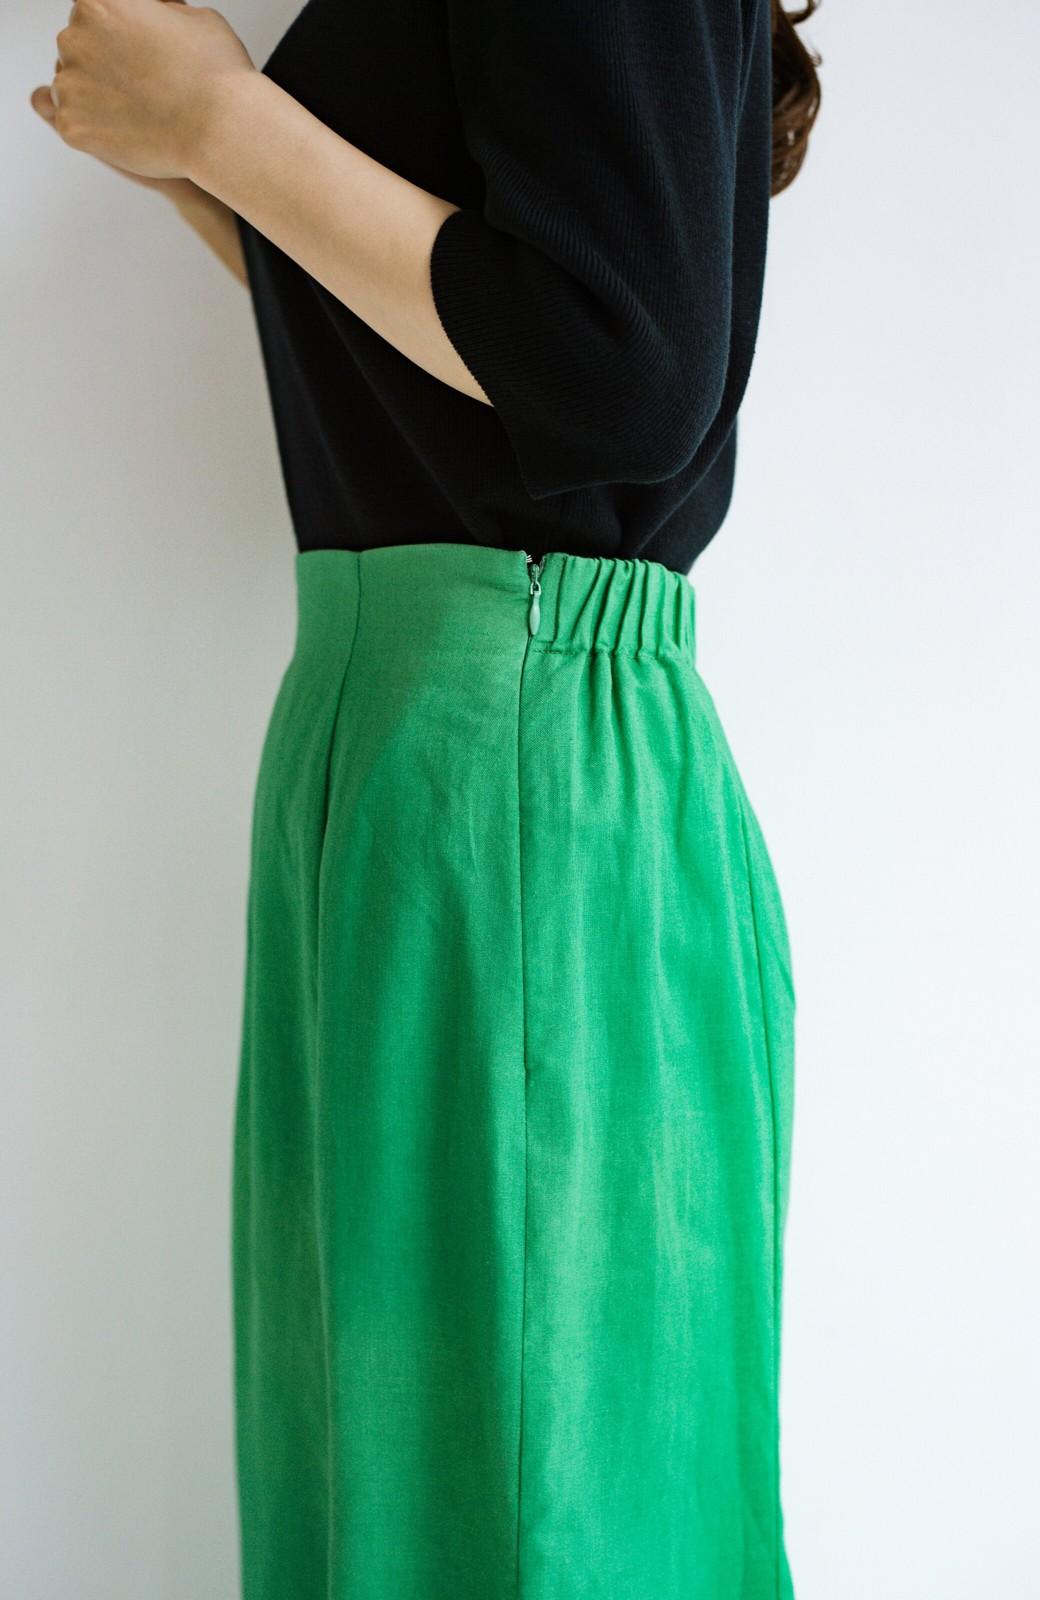 haco! 時間のない朝にもパッと出かけられる!元気が出るきれい色スカートにちょうどいいロゴTシャツを合わせておいた作り置きコーデセット by que made me <その他>の商品写真20